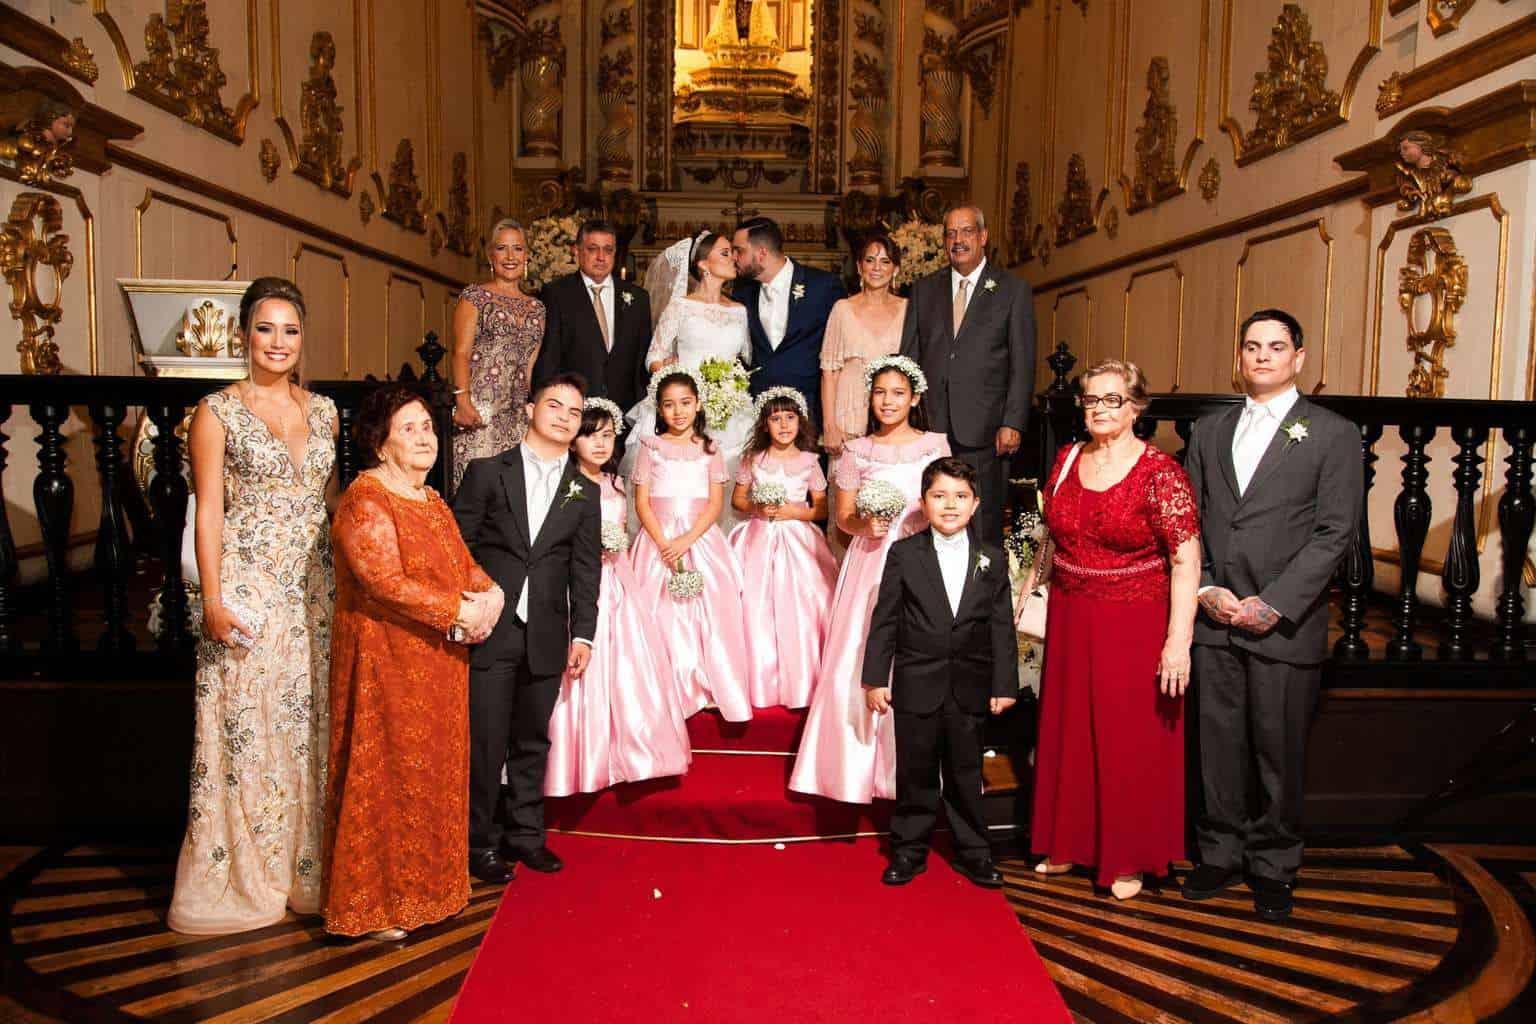 Casamento-Clássico-Casamento-tradicional-Cerimônia-Copacabana-Palace-Monica-Roias-Ribas-Foto-e-Vídeo-Tuanny-e-Bernardo-CaseMe-21